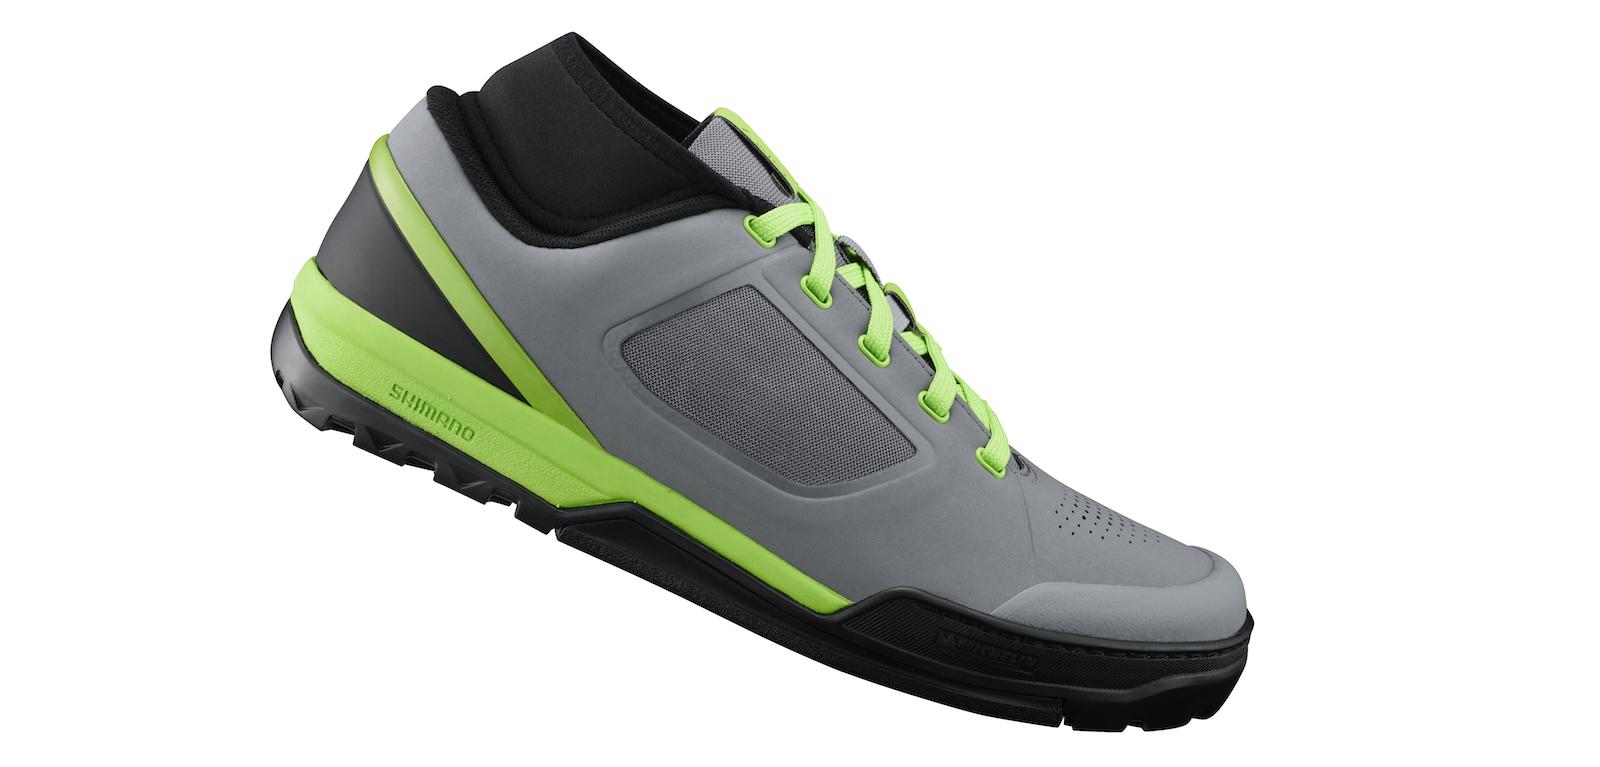 Adidas lancia una nuova scarpa per pedali flat MTB